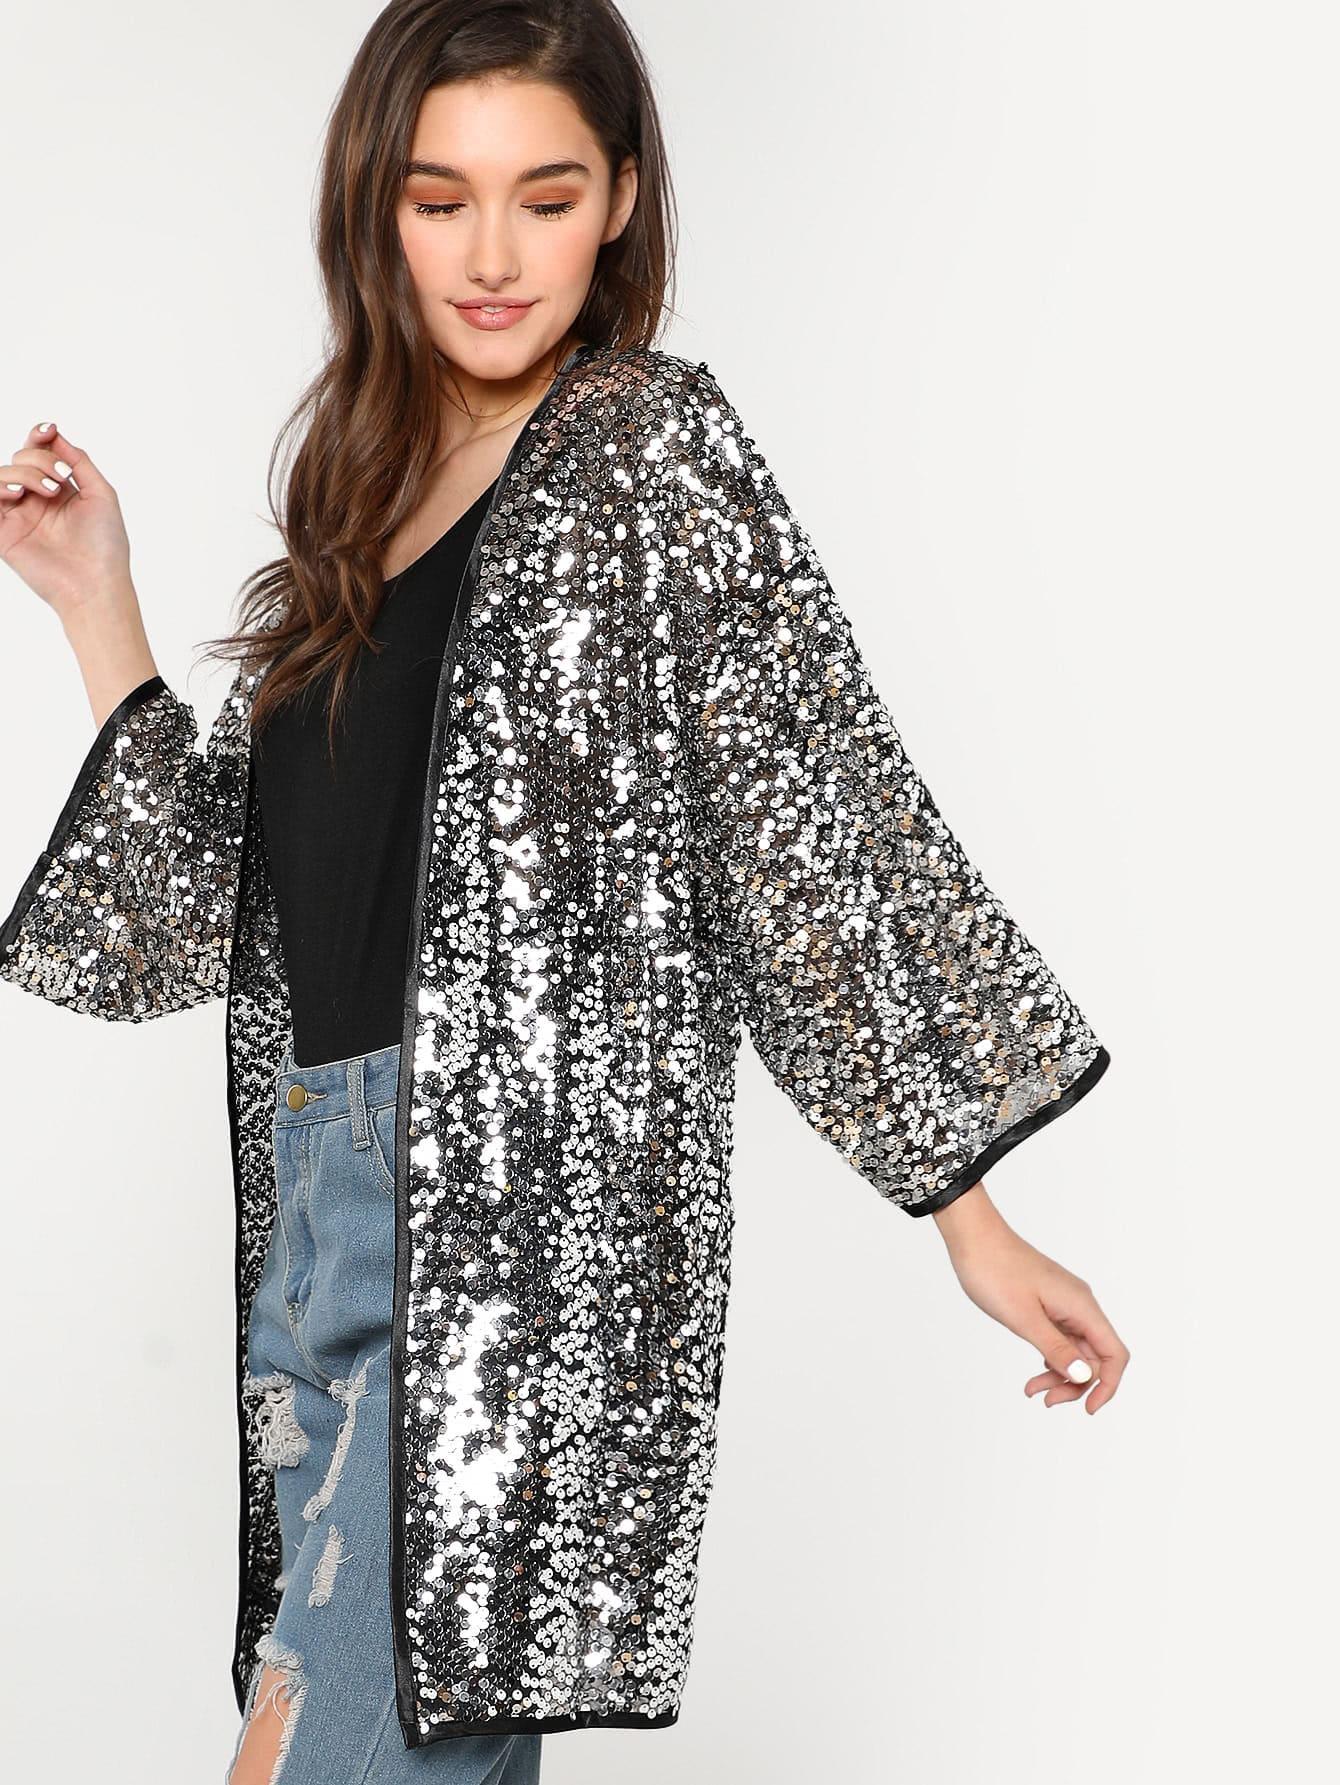 Sequin Kimono Cardigan SILVER -SheIn(Sheinside)